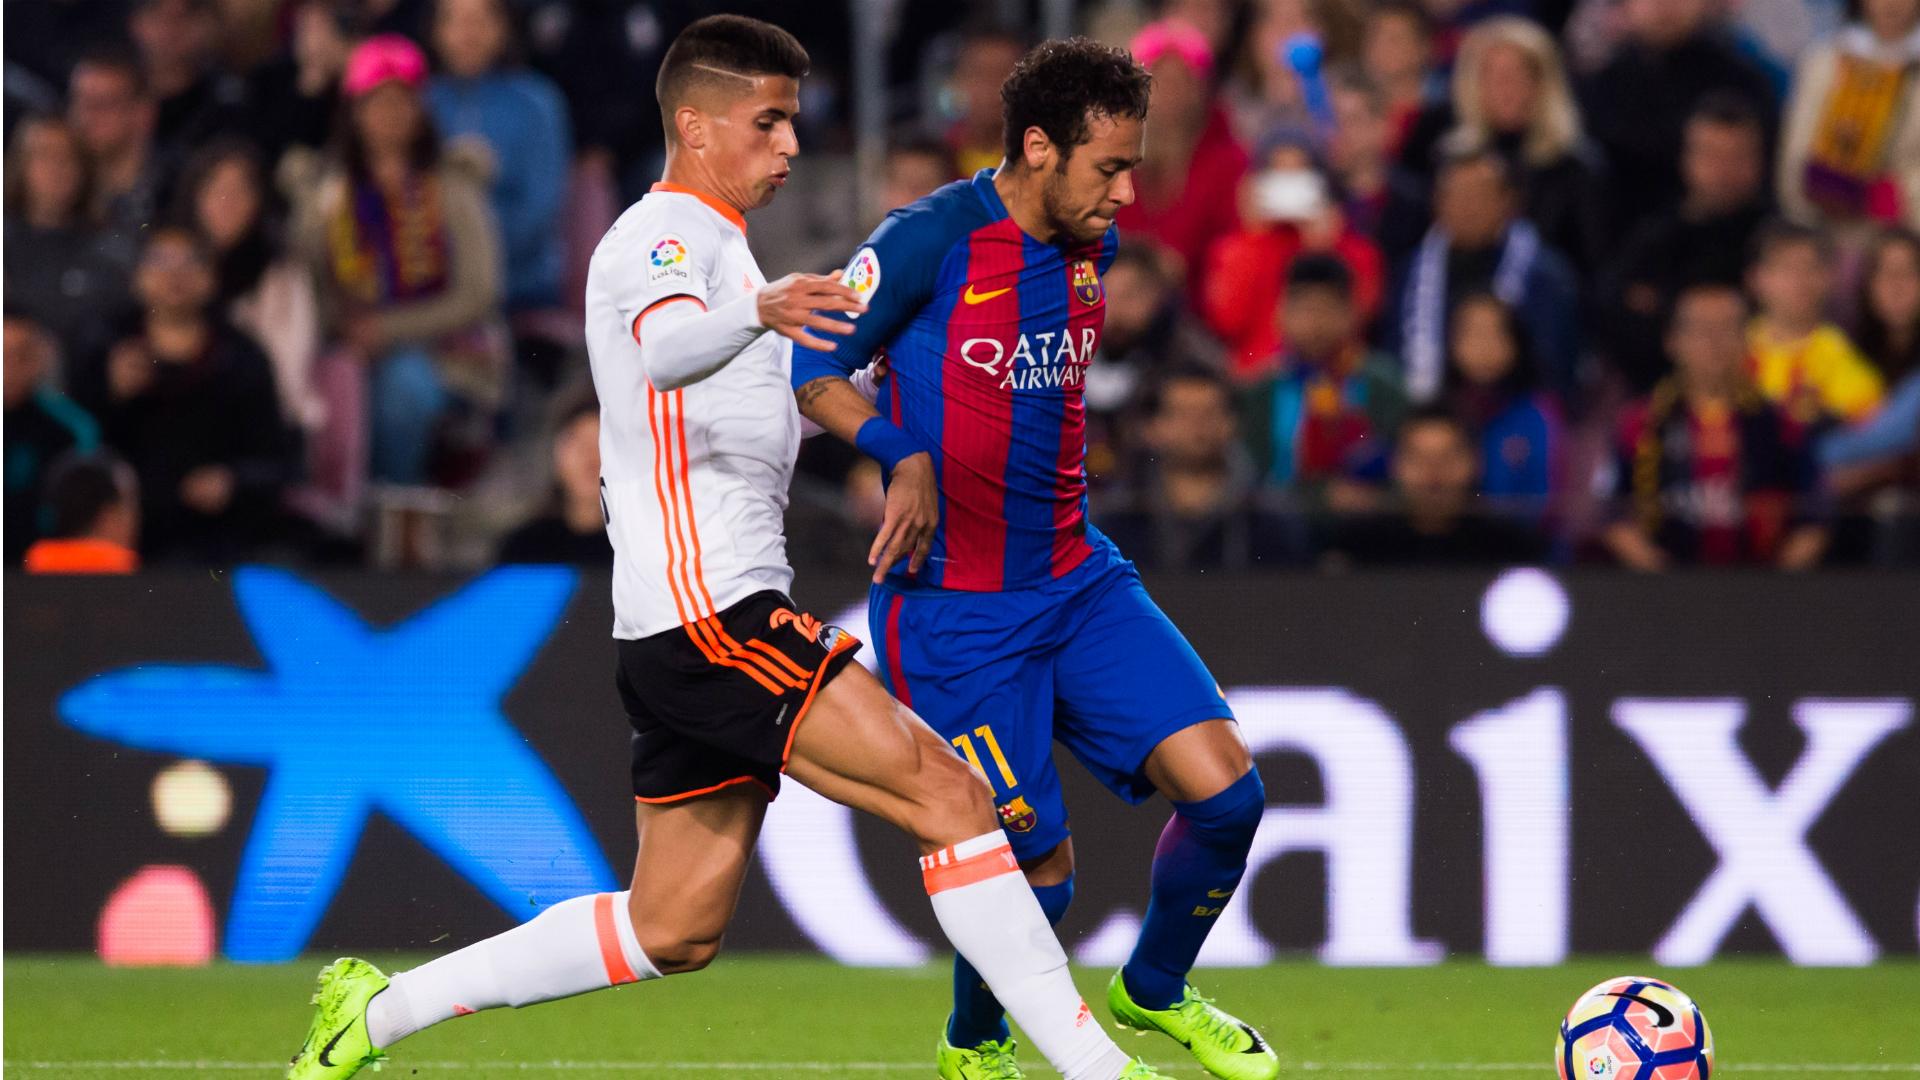 Neymar Joao Cancelo Barcelona Valencia La Liga